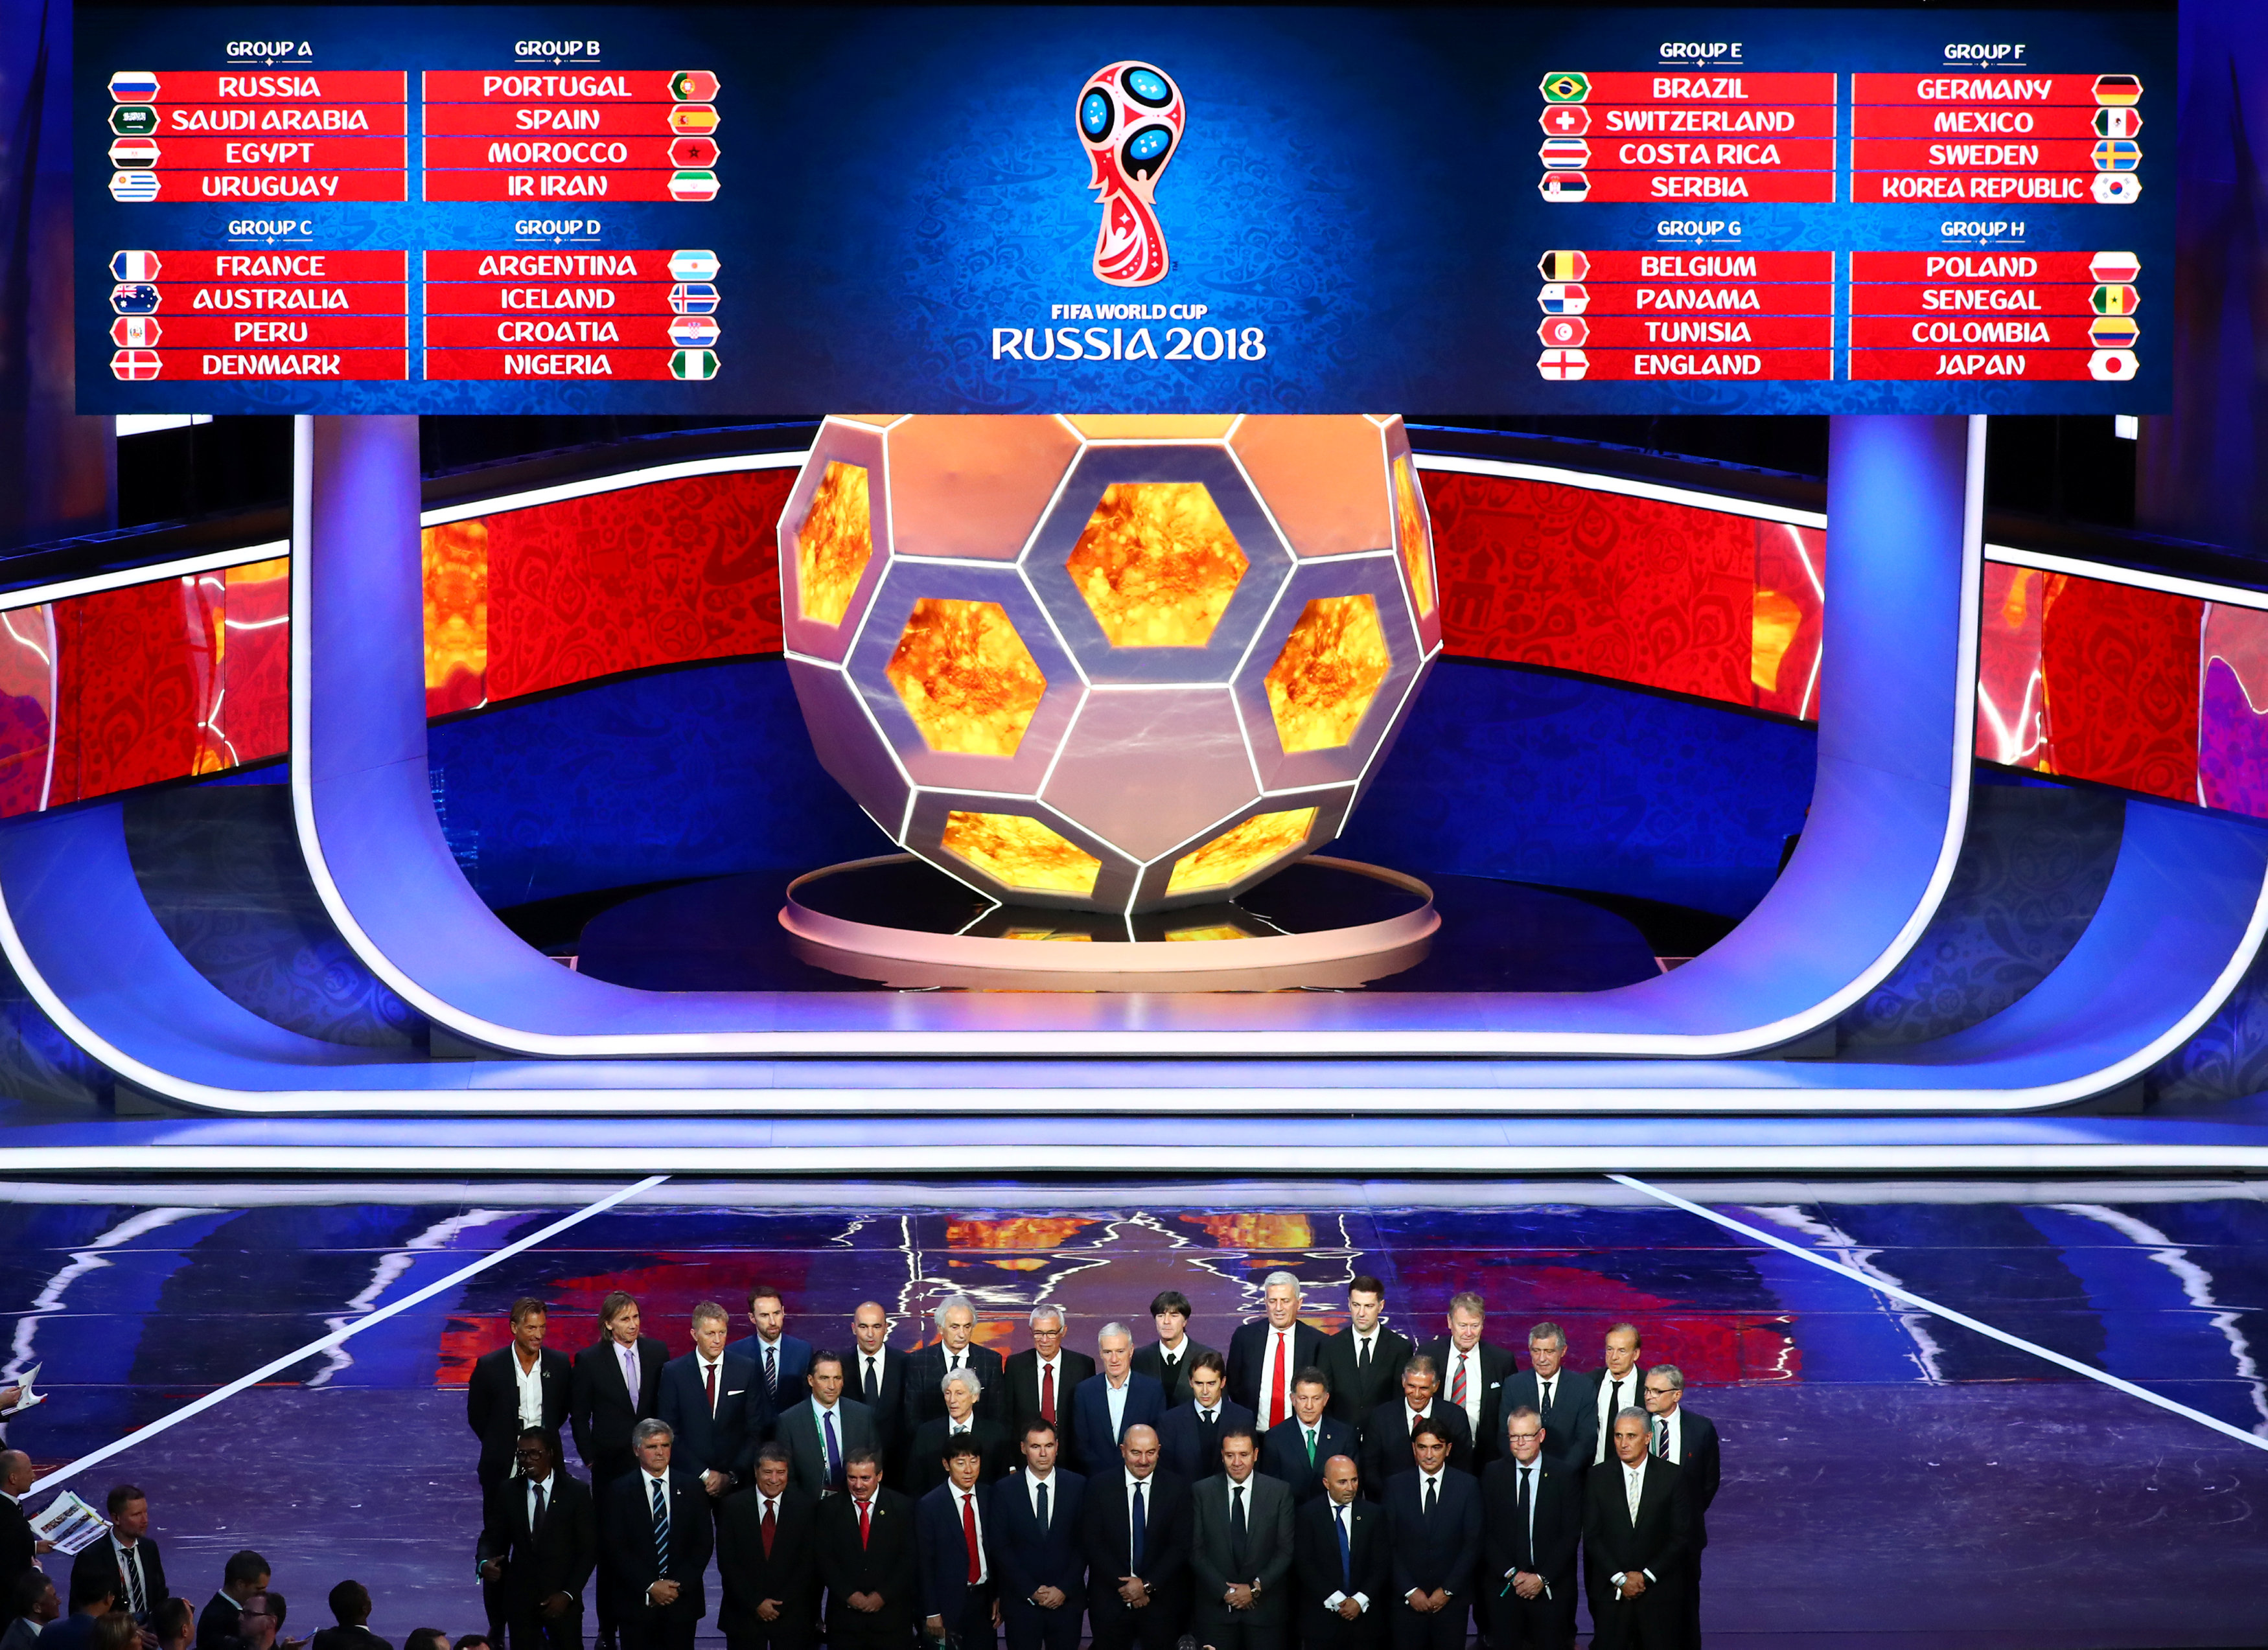 Coupe Du Monde Des Clubs 2020 Calendrier.Coupe Du Monde 2018 Le Calendrier Complet Et Toutes Les